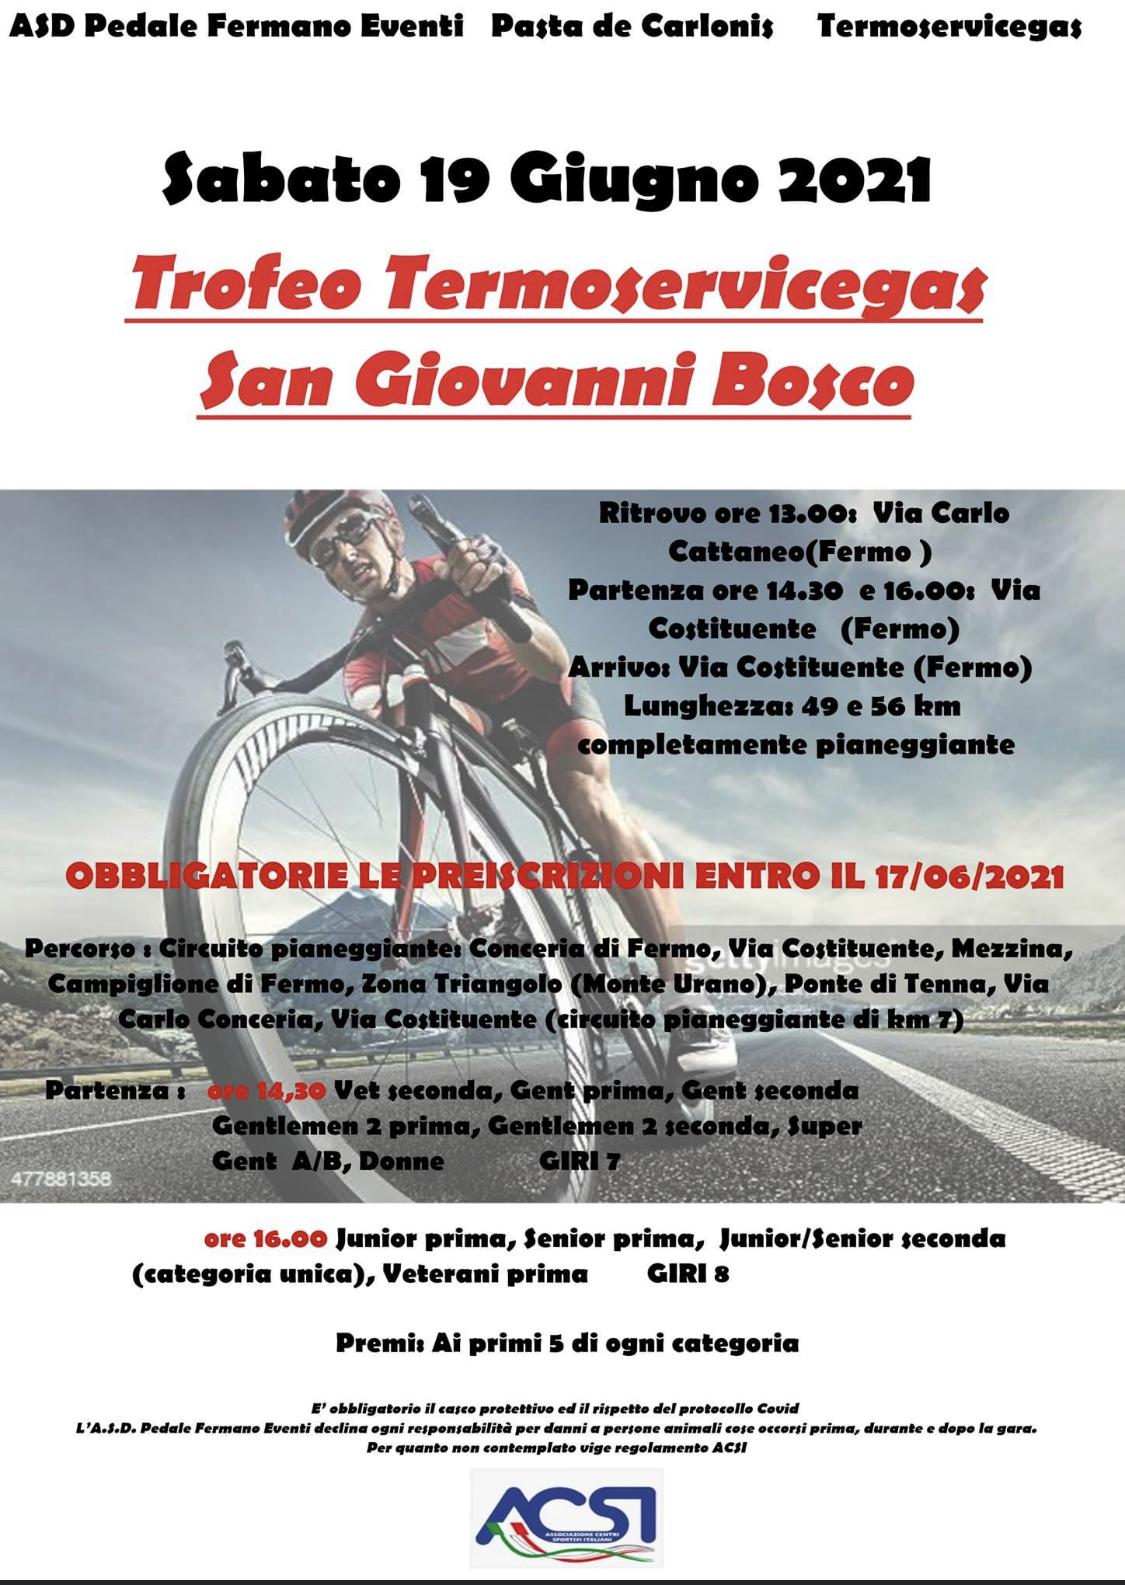 Trofeo Termoservicegas 1